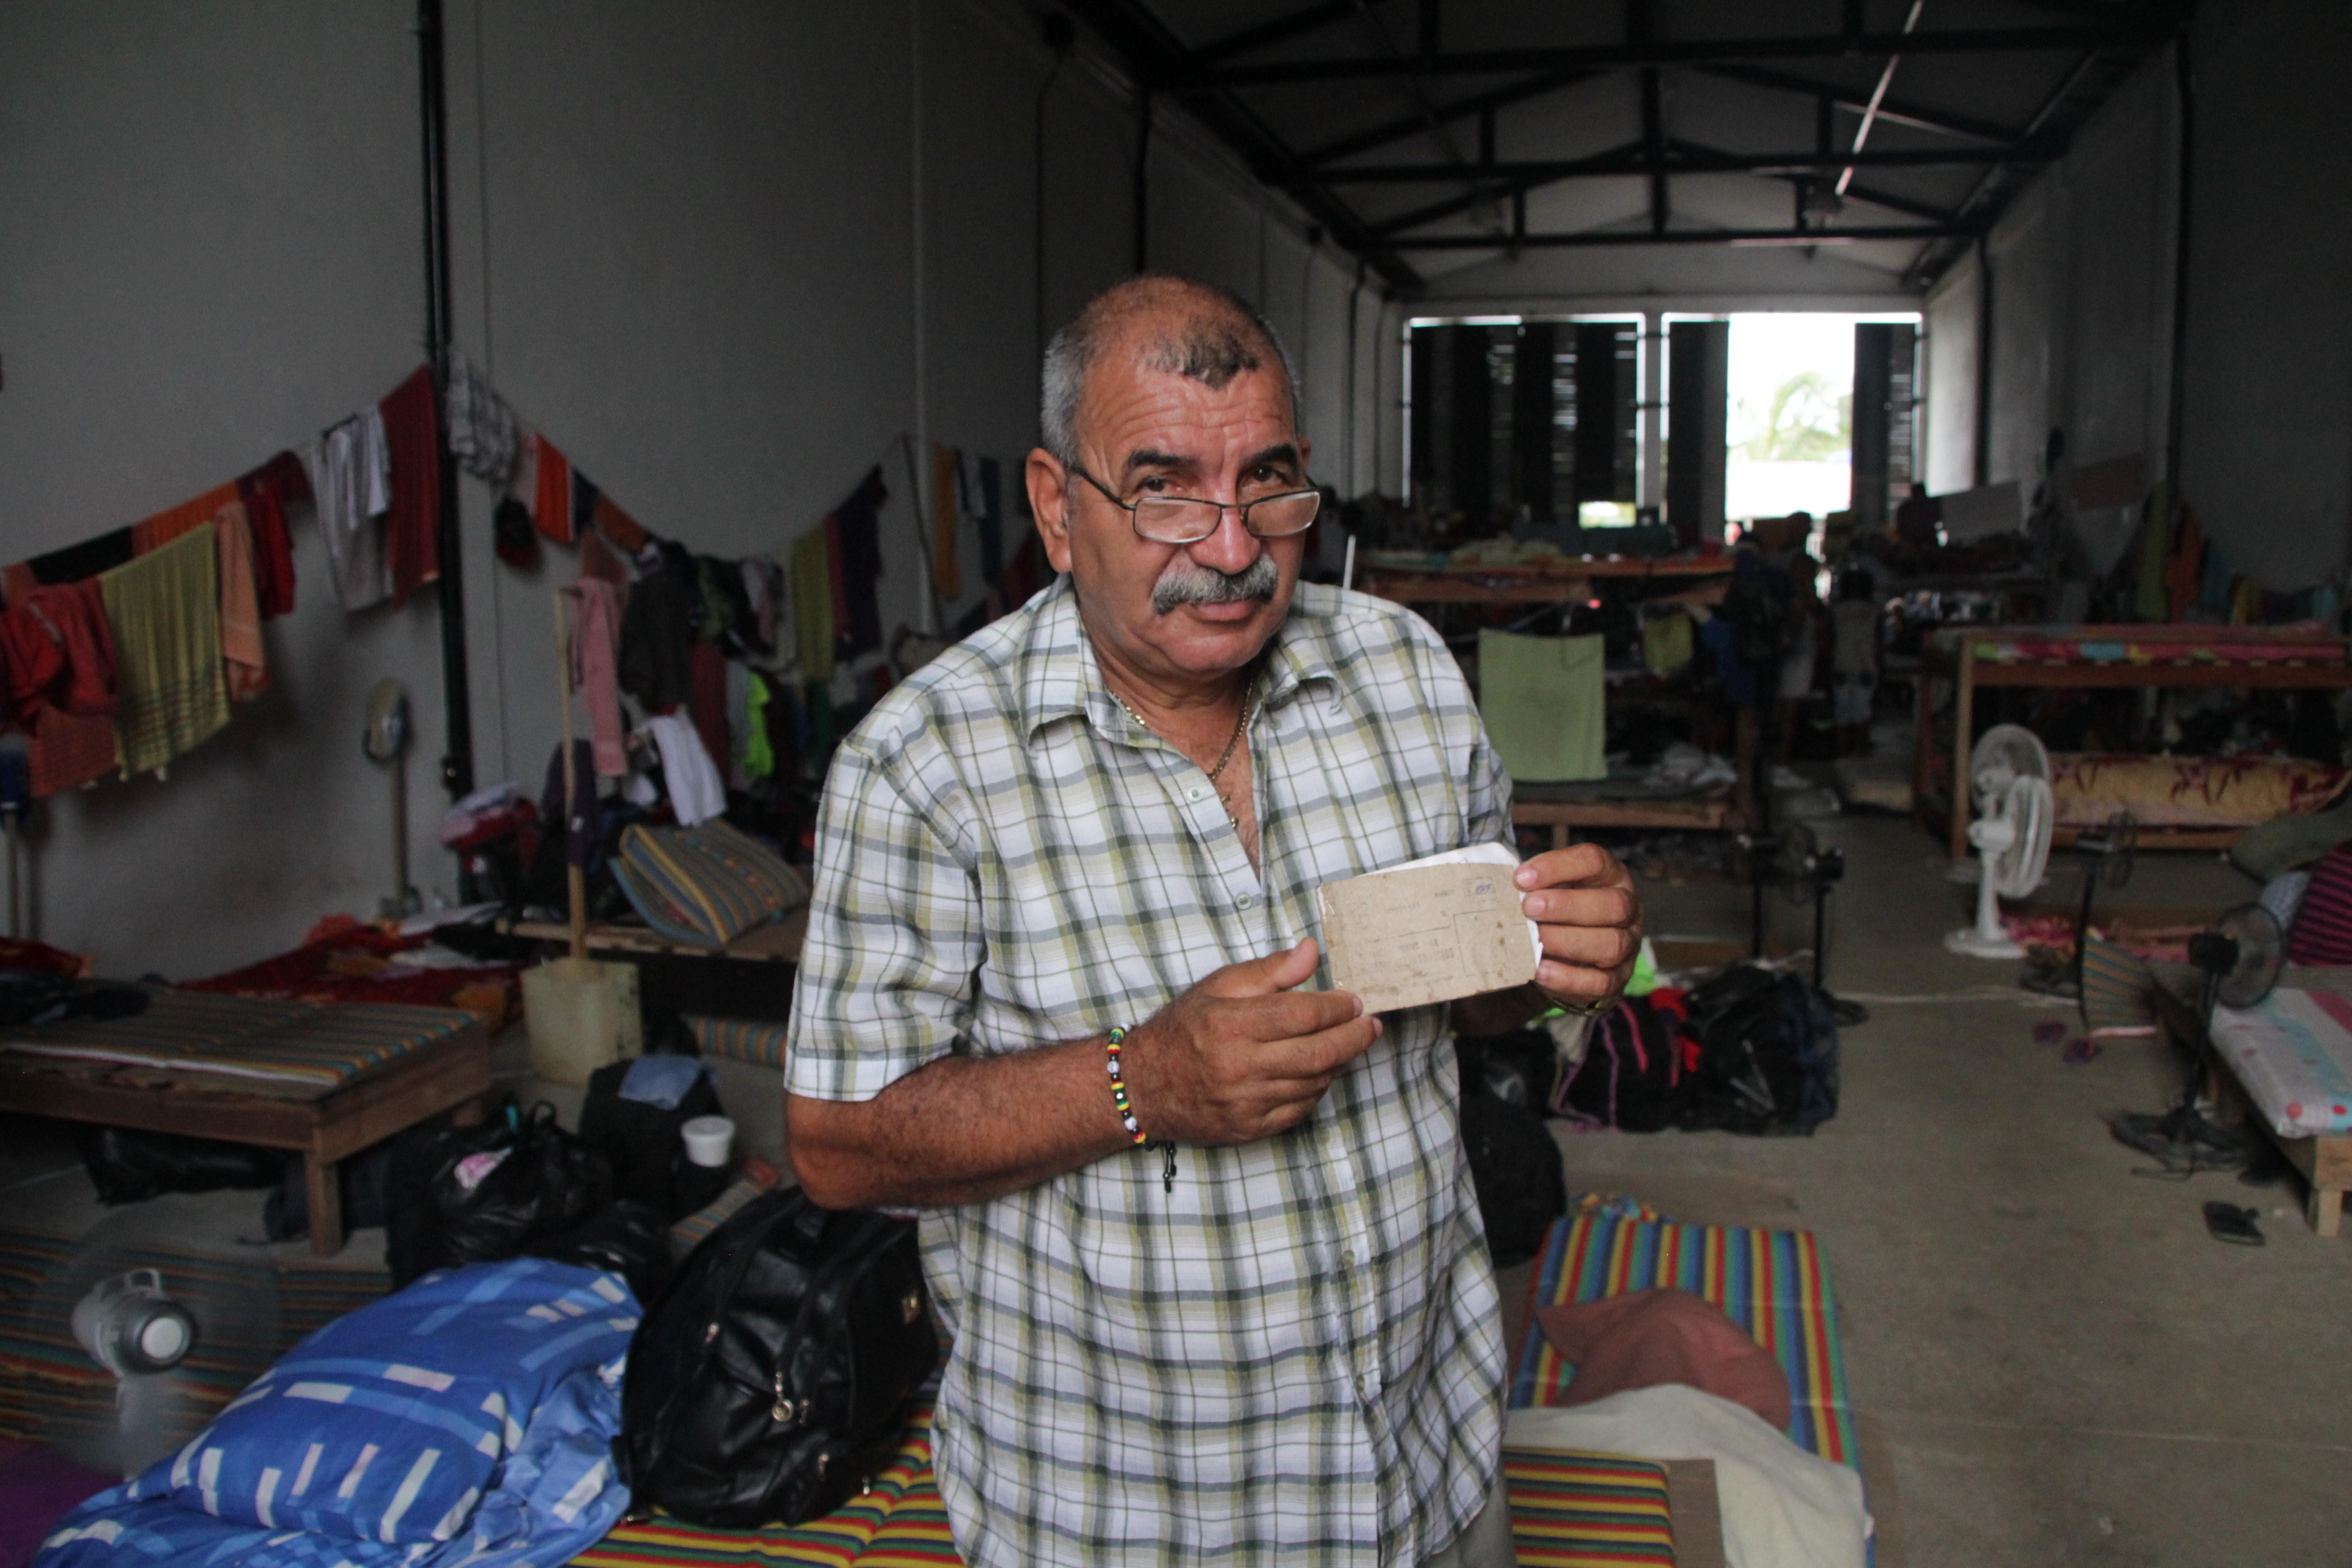 Ignacio gère la vie quotidienne des migrants cubains à Turbo, notamment les trop rares denrées alimentaires (© Jérôme Decoster).